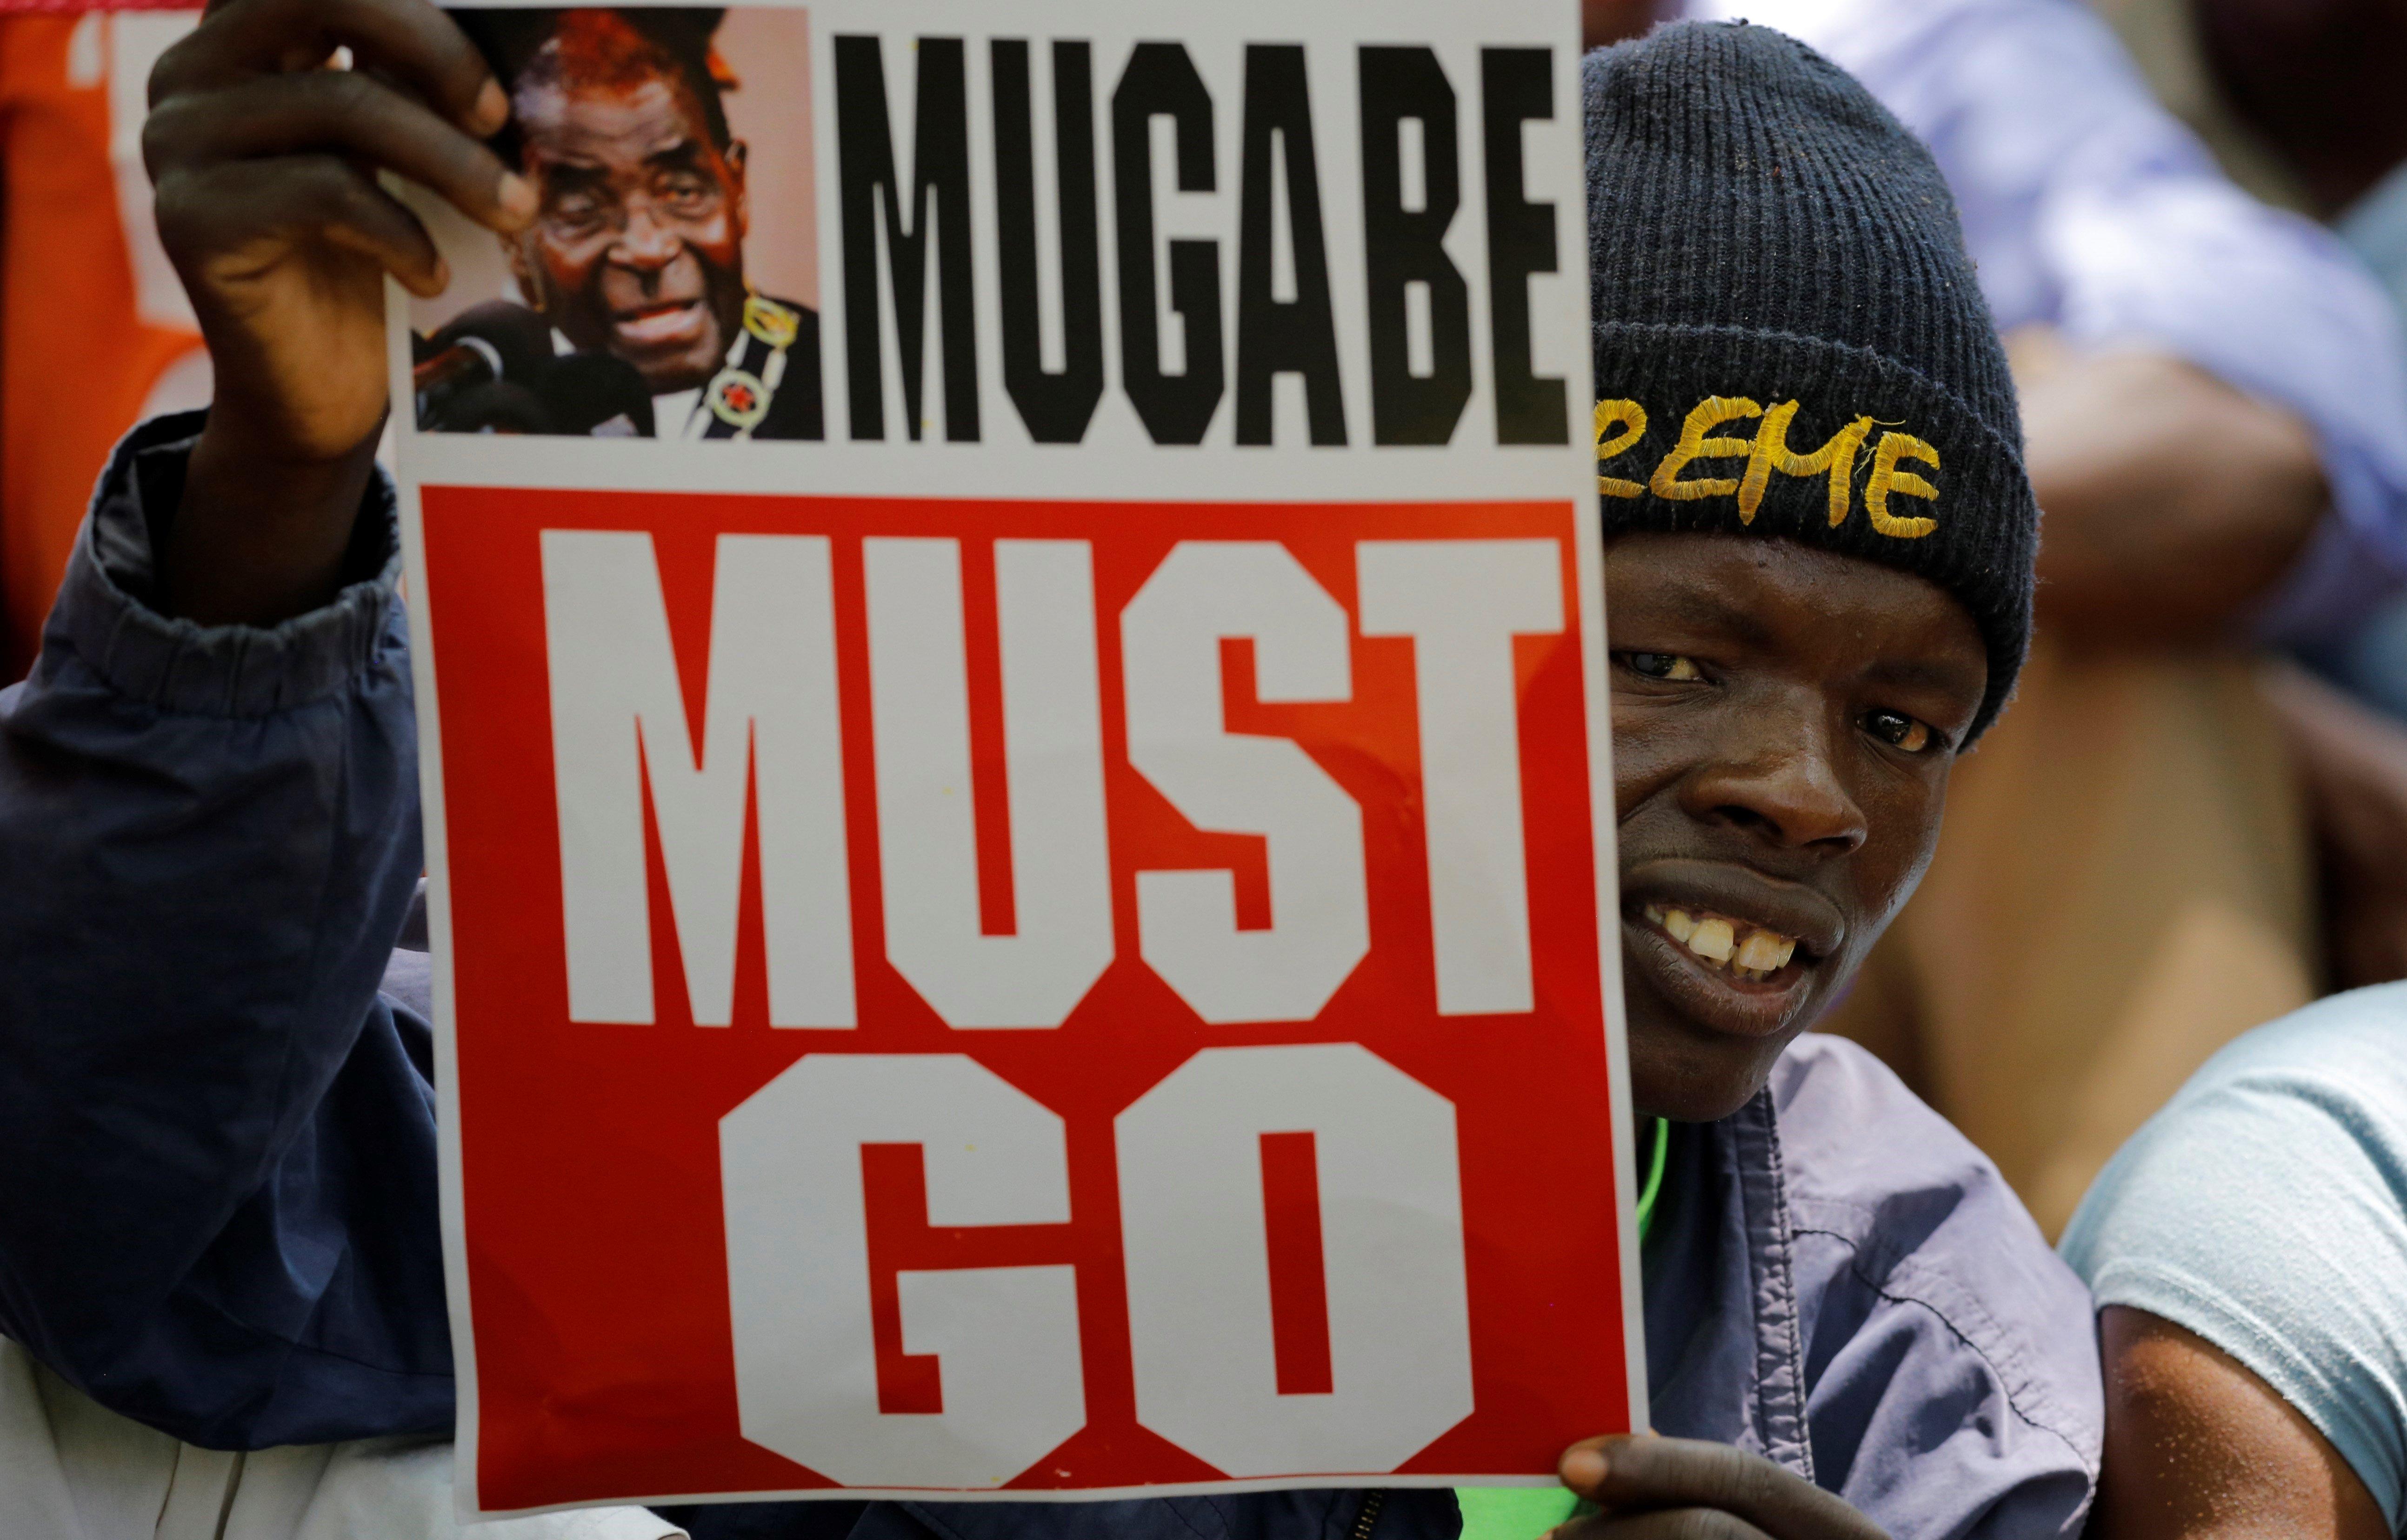 Zimbabwe Mugabe efe